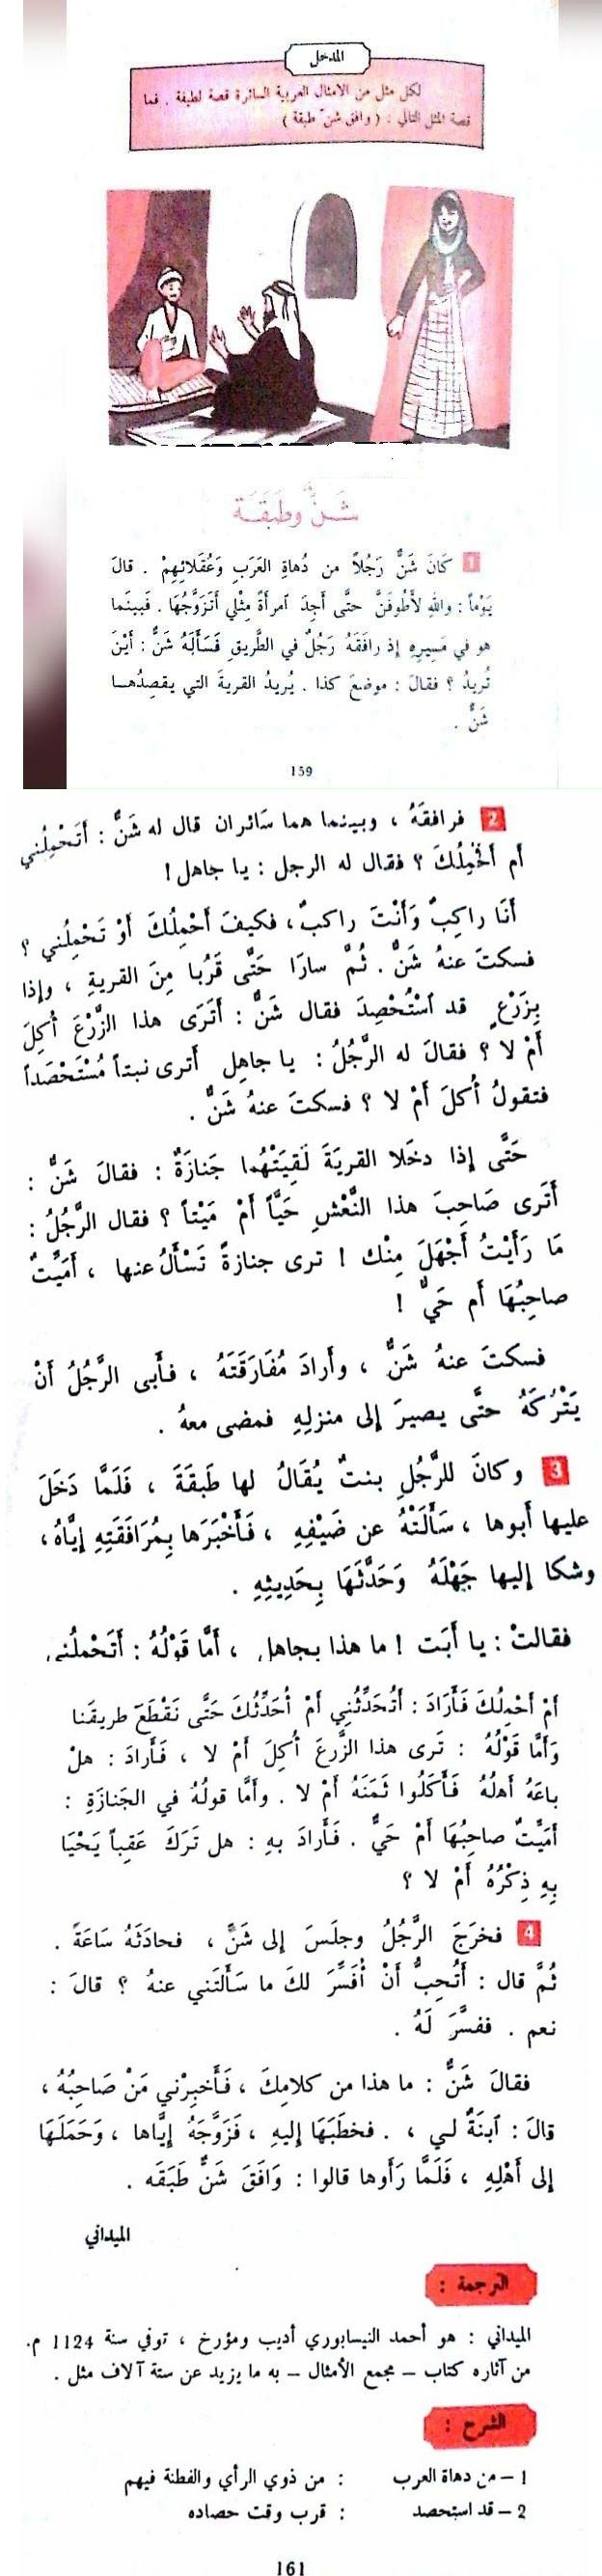 لغتي العربية الجزء الخامس Word Search Puzzle Diller Words